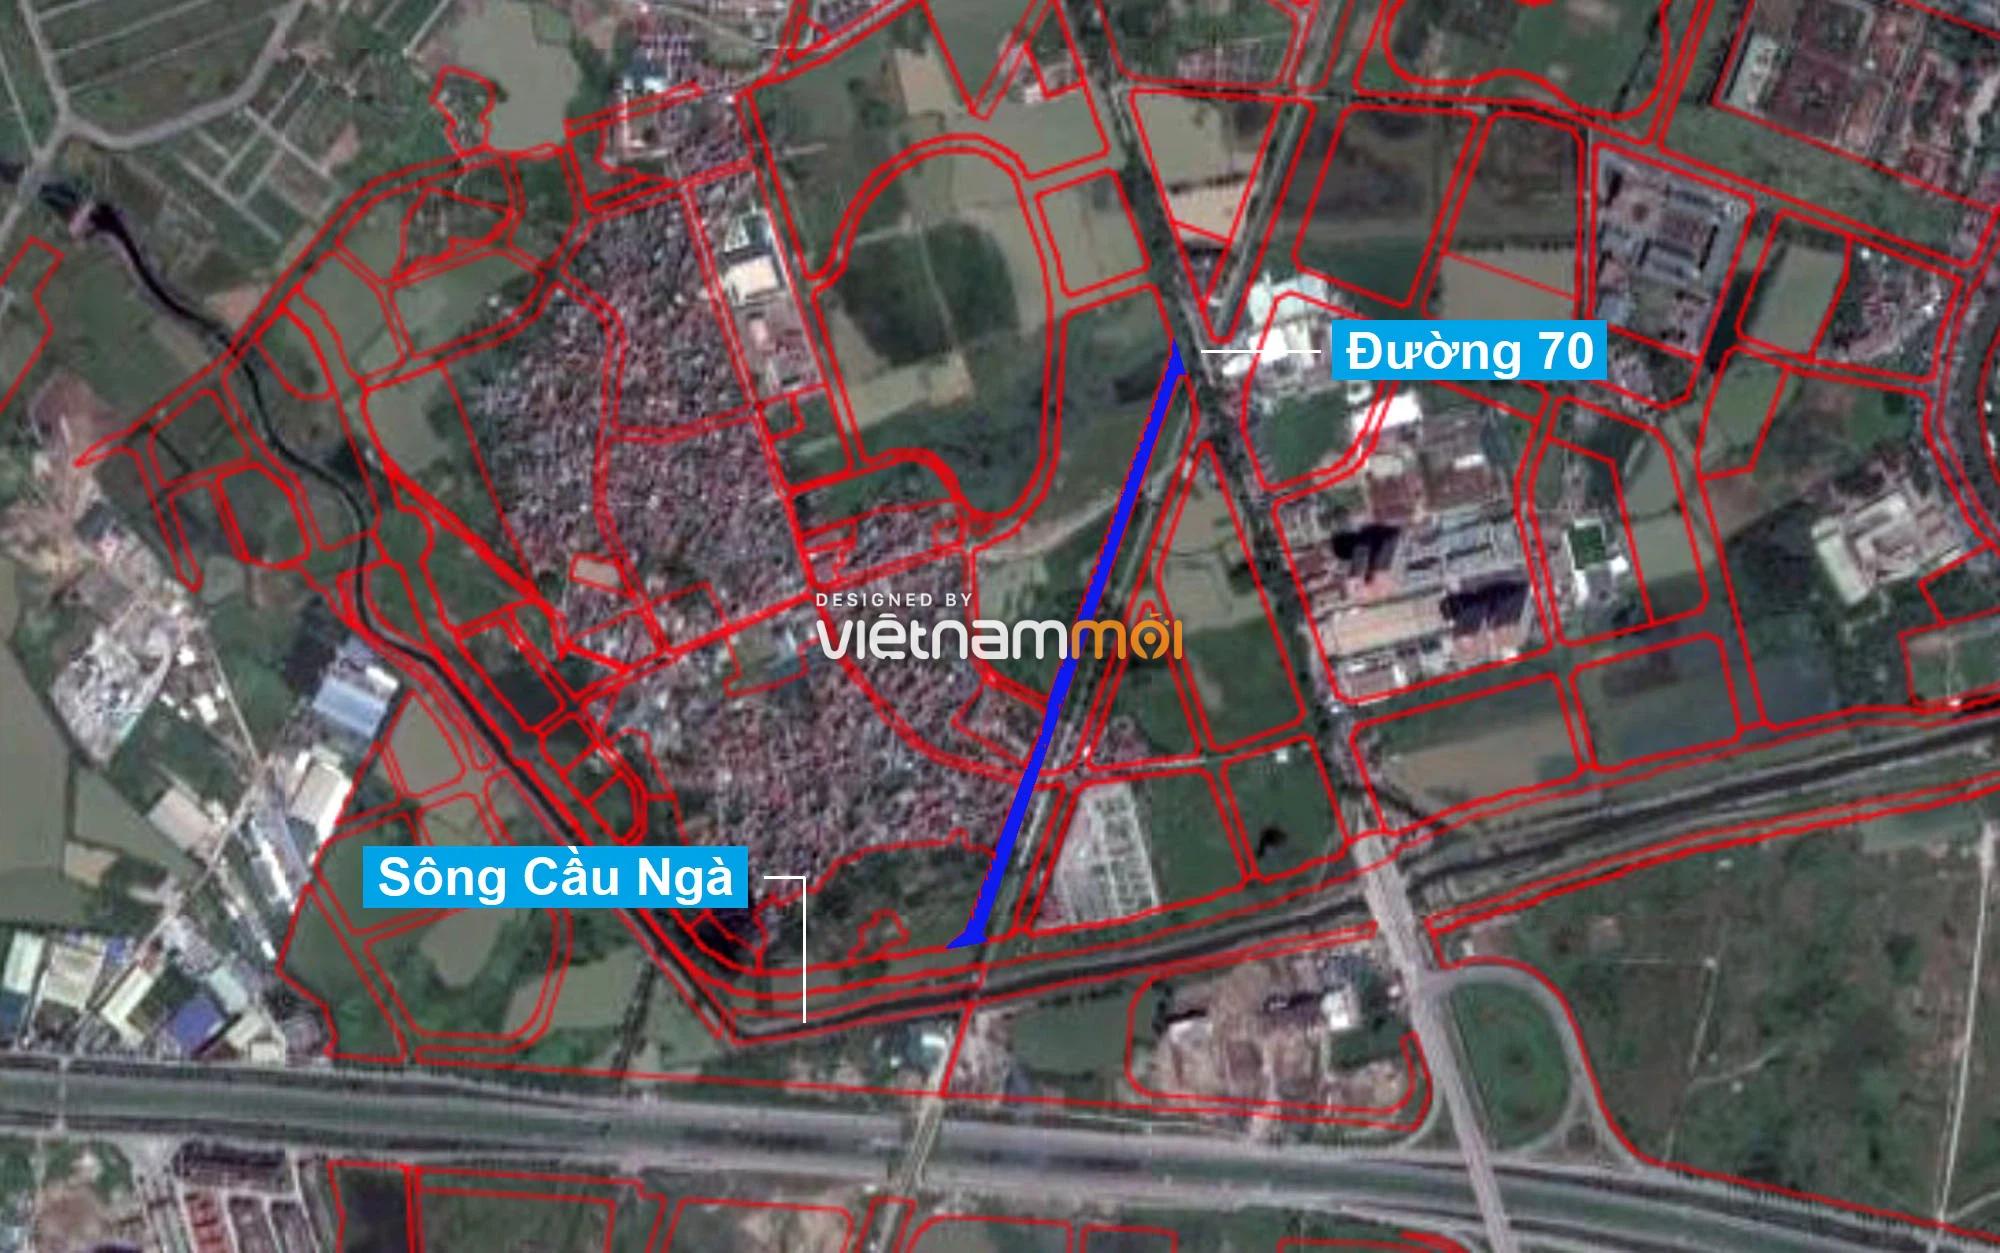 Những khu đất sắp thu hồi để mở đường ở phường Tây Mỗ, Nam Từ Liêm, Hà Nội (phần 4) - Ảnh 2.